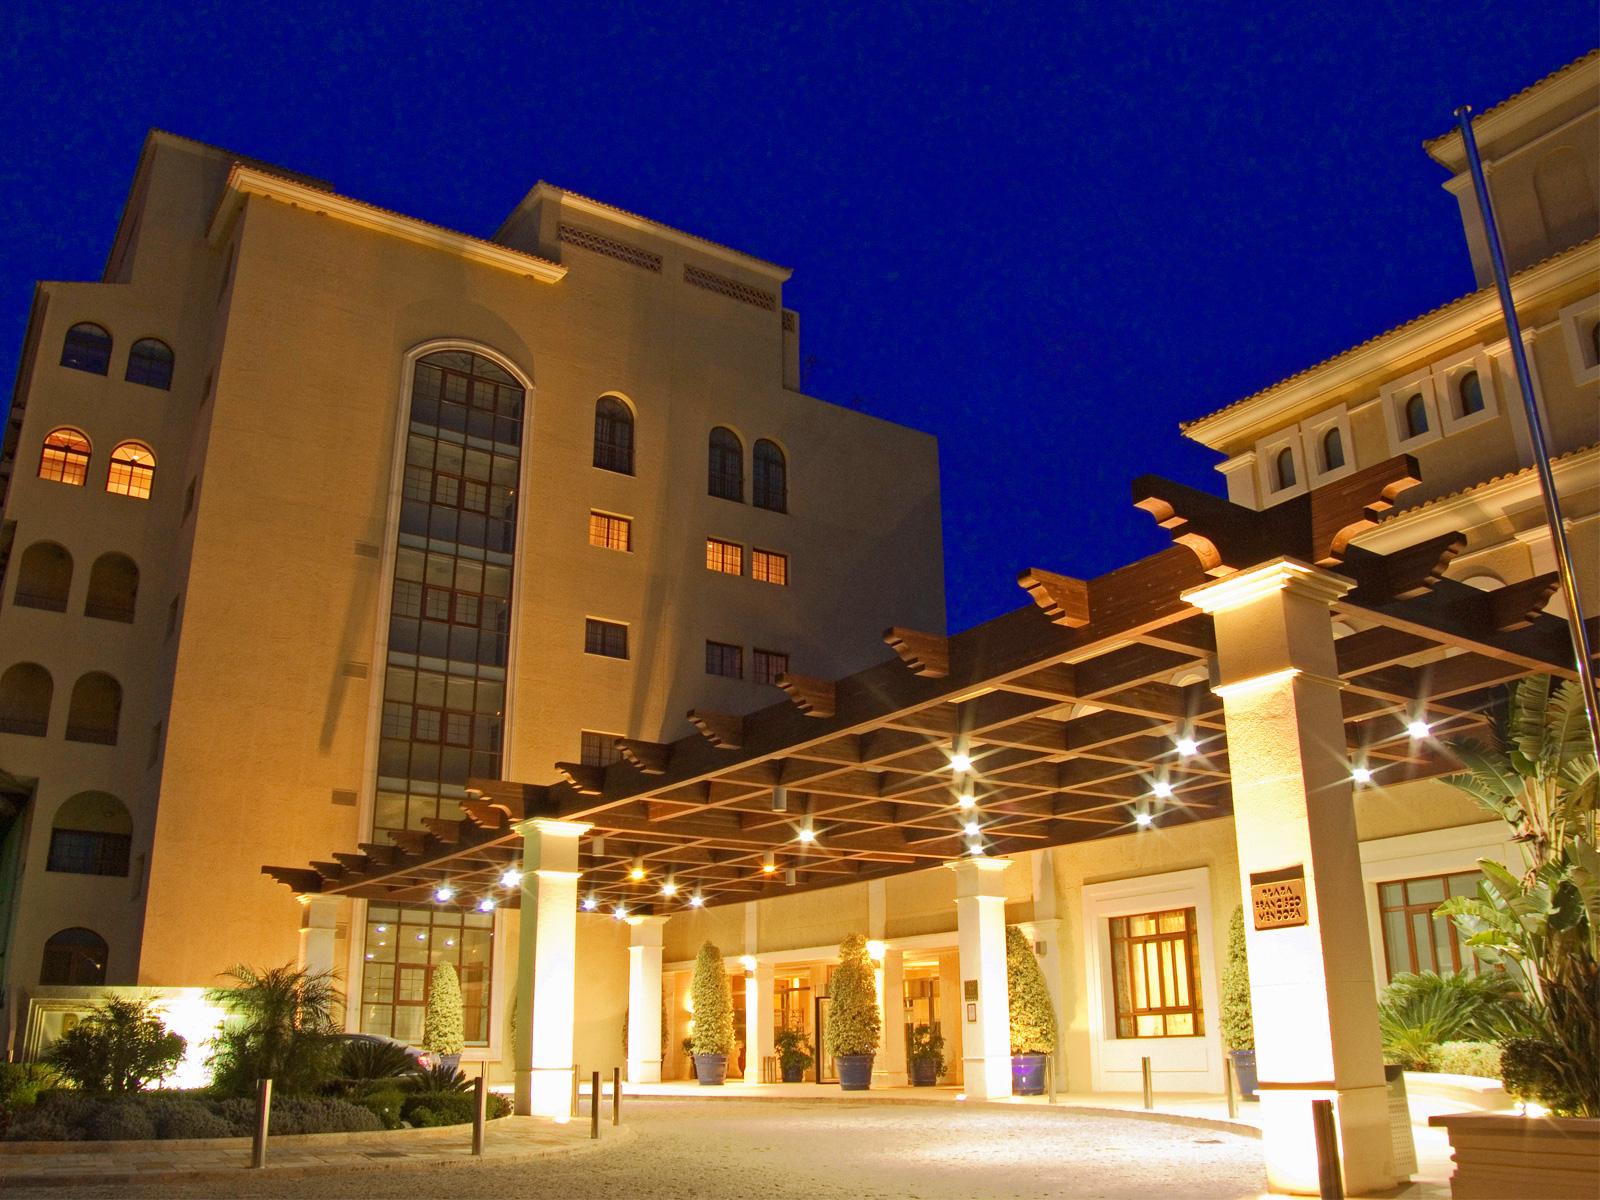 Facade-Wellness Hotel Almería - Vincci Hoteles